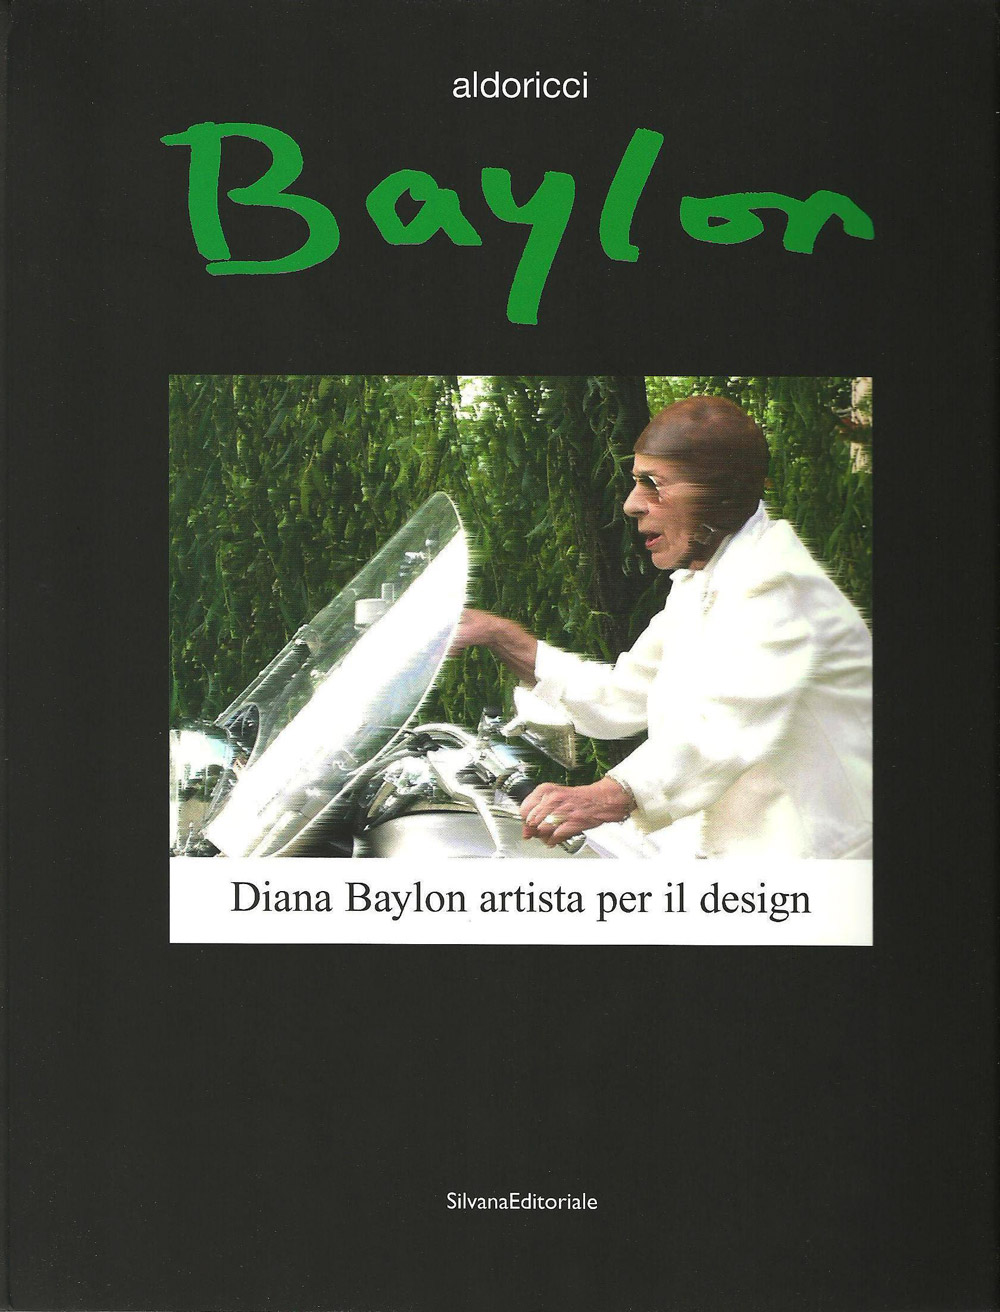 """Catalogo della retrospettiva """"Diana Baylon artista per il design"""",galleriaSottanadel MIAAO, Torino,2008 A cura di Aldo Ricci"""